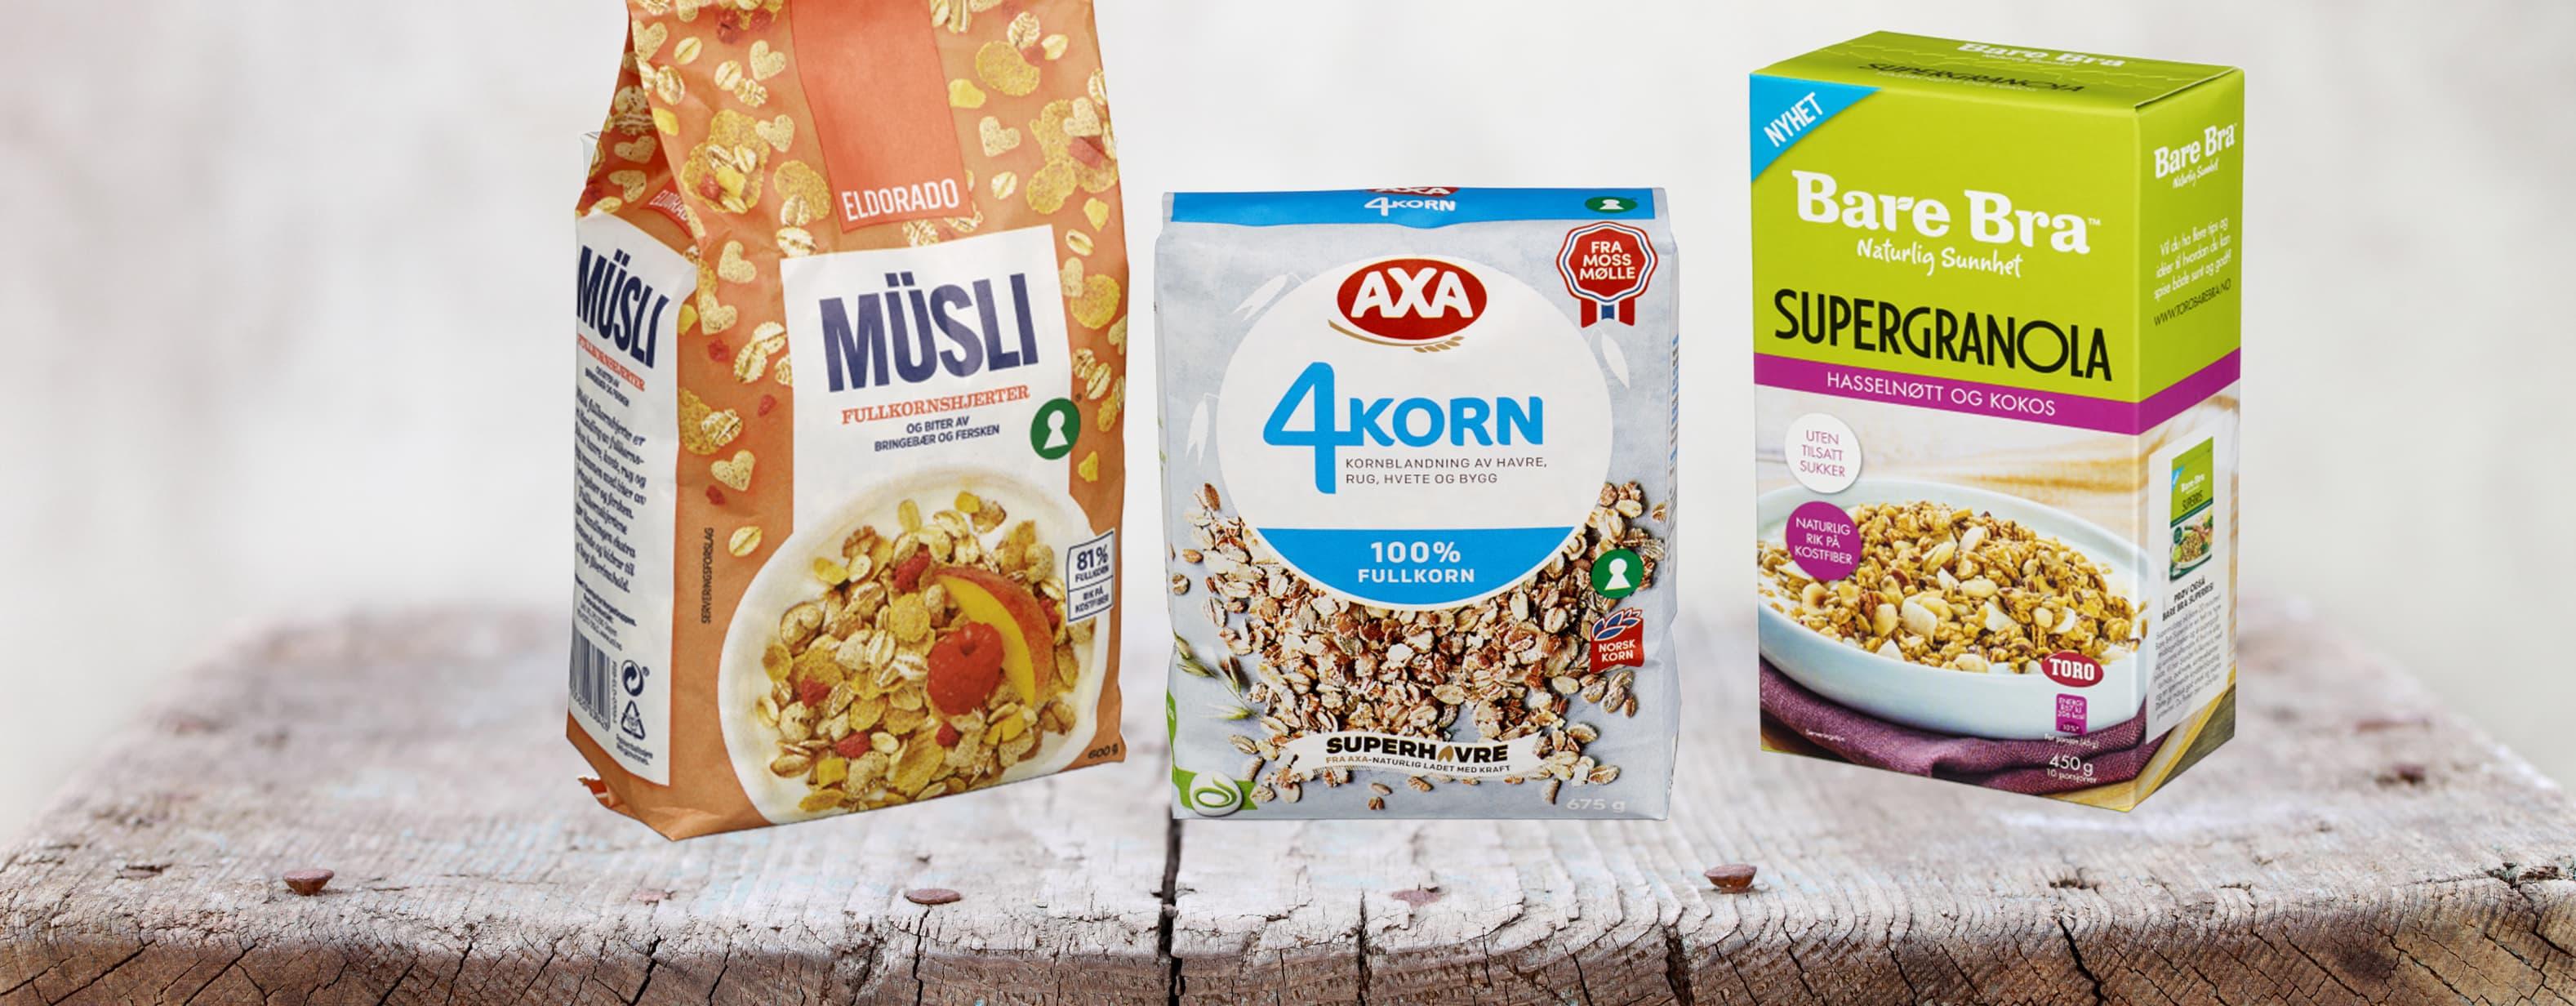 Best i test: Bare bra Supergranola, Axa 4korn og Eldorado fullkornshjerter anses alle som gode, sunne alternativer på frokostbordet.